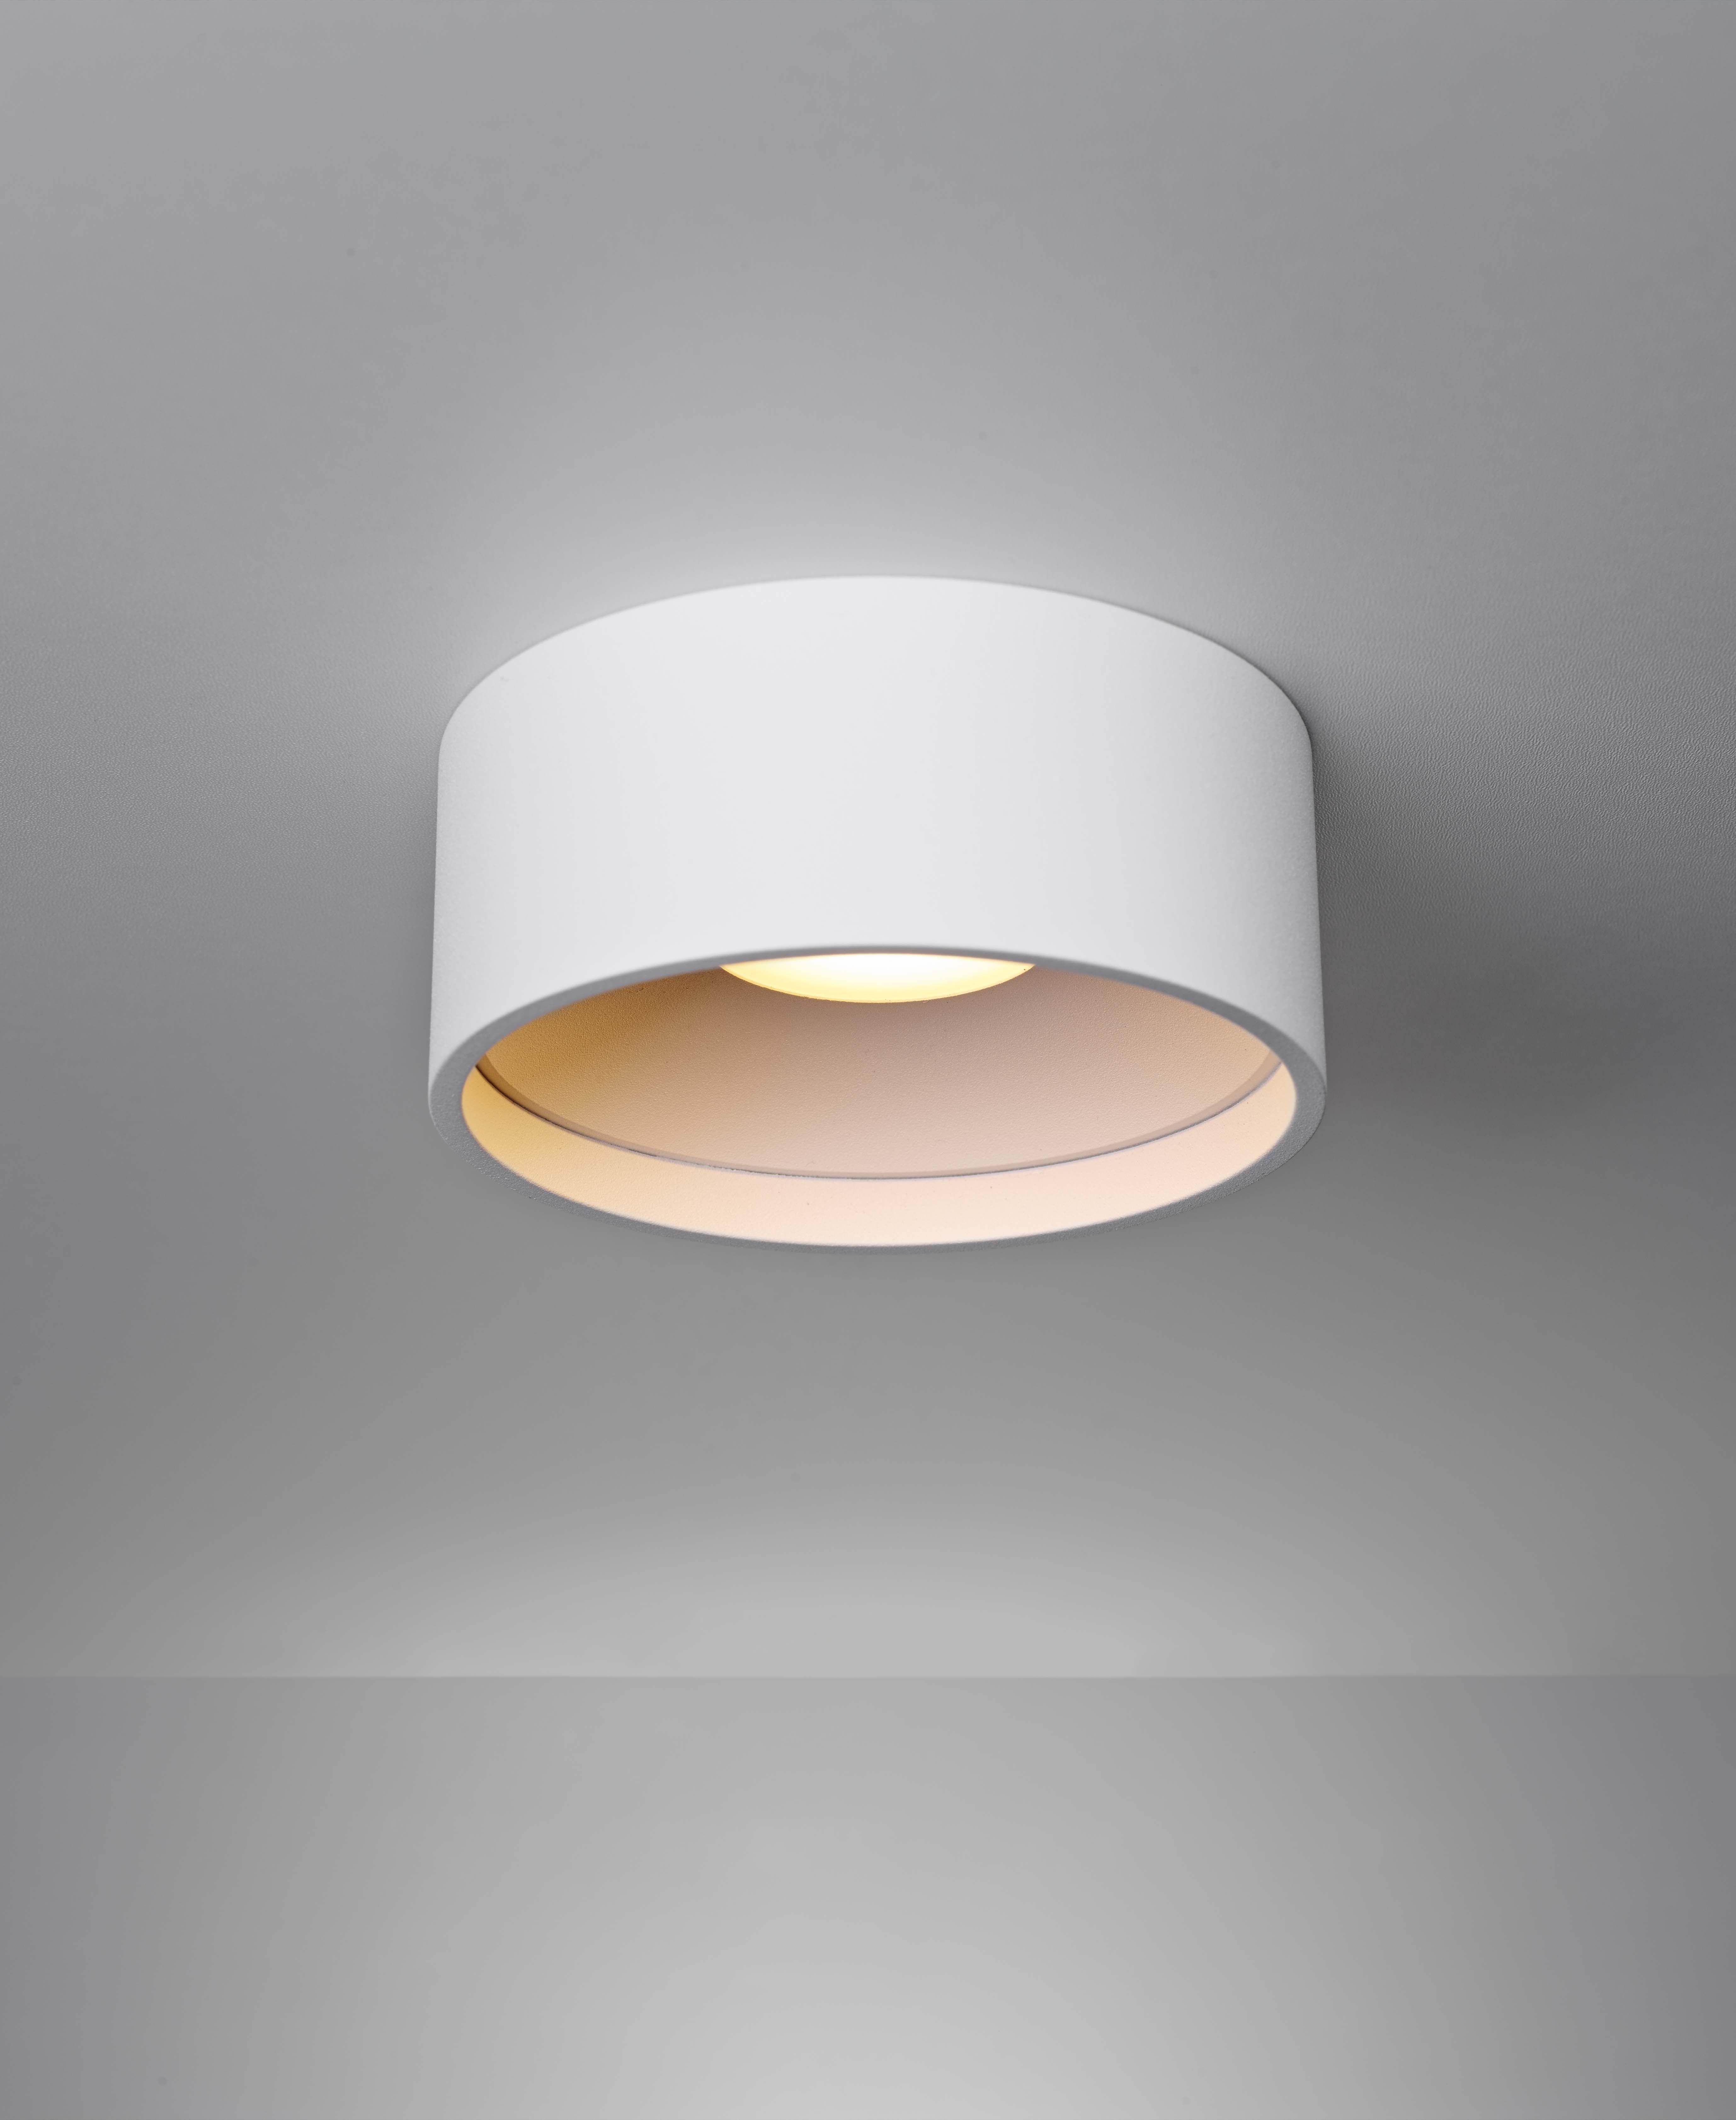 Mini Light Bright Deckenleuchte Zukunftige Projekte Lampen